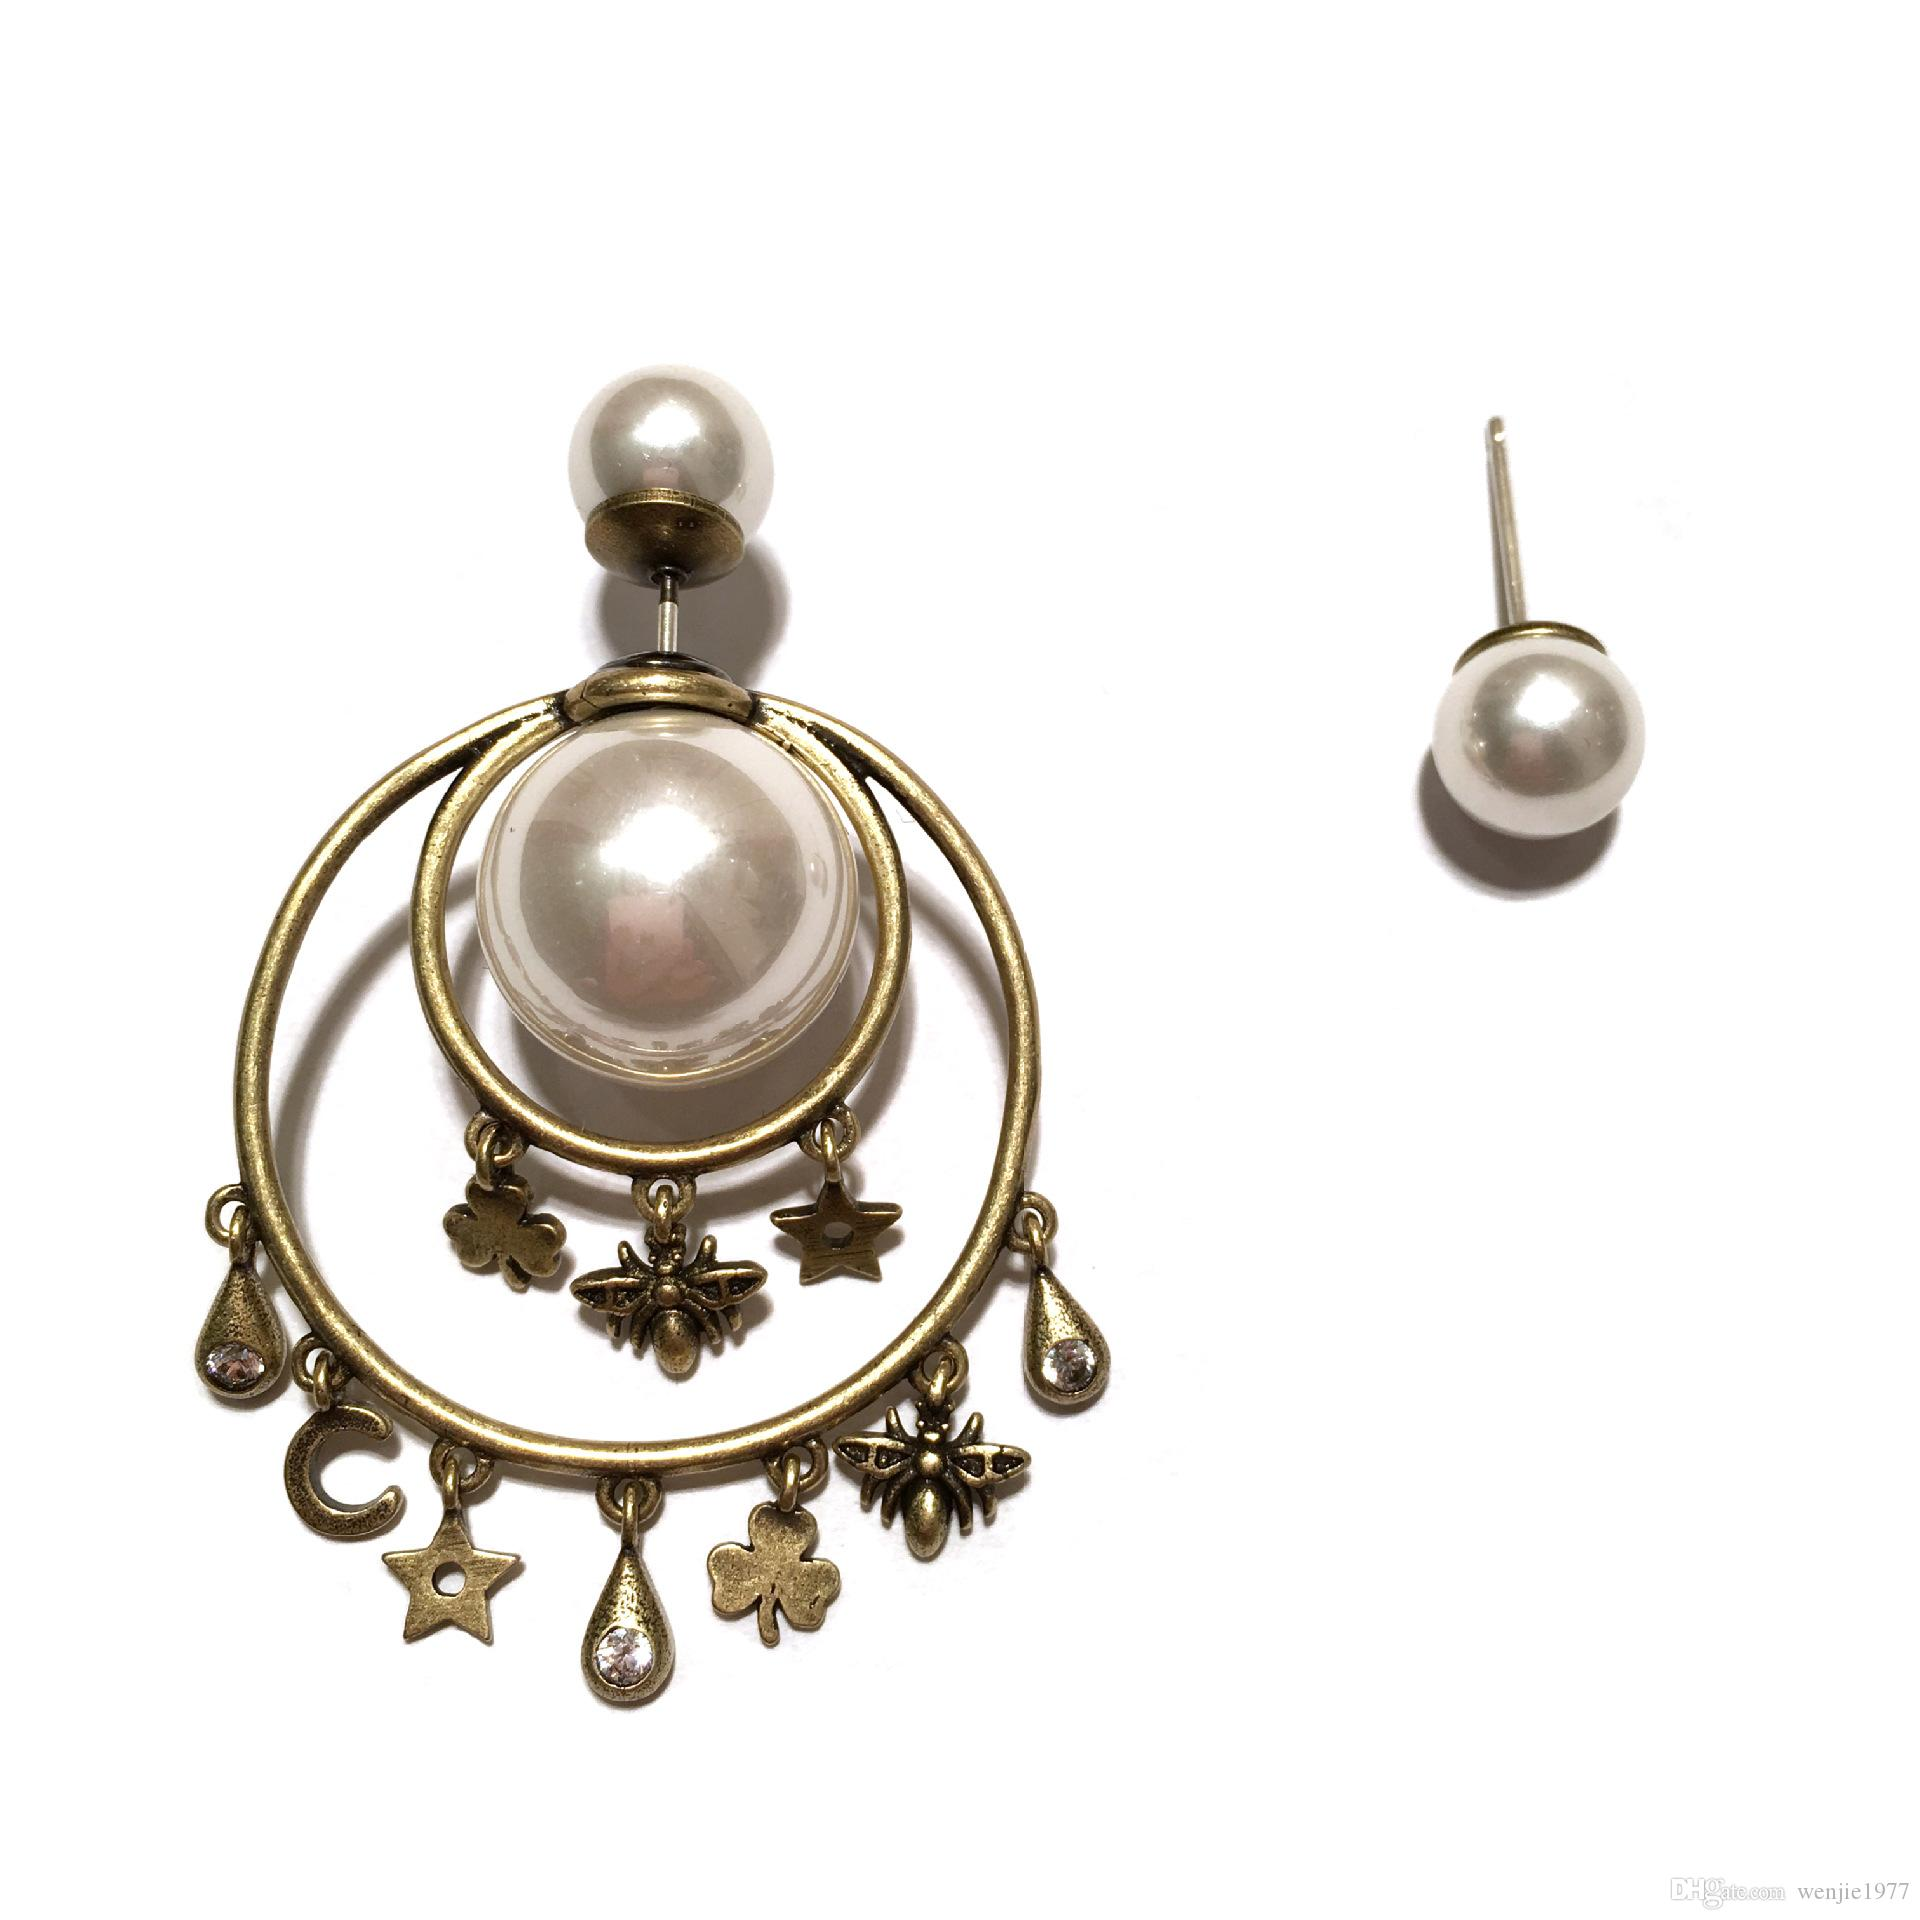 18 quilates de oro retro clásico pendientes de perlas de concha natural pendientes de diamantes pendientes de la marca collar de oro pendientes de gama alta